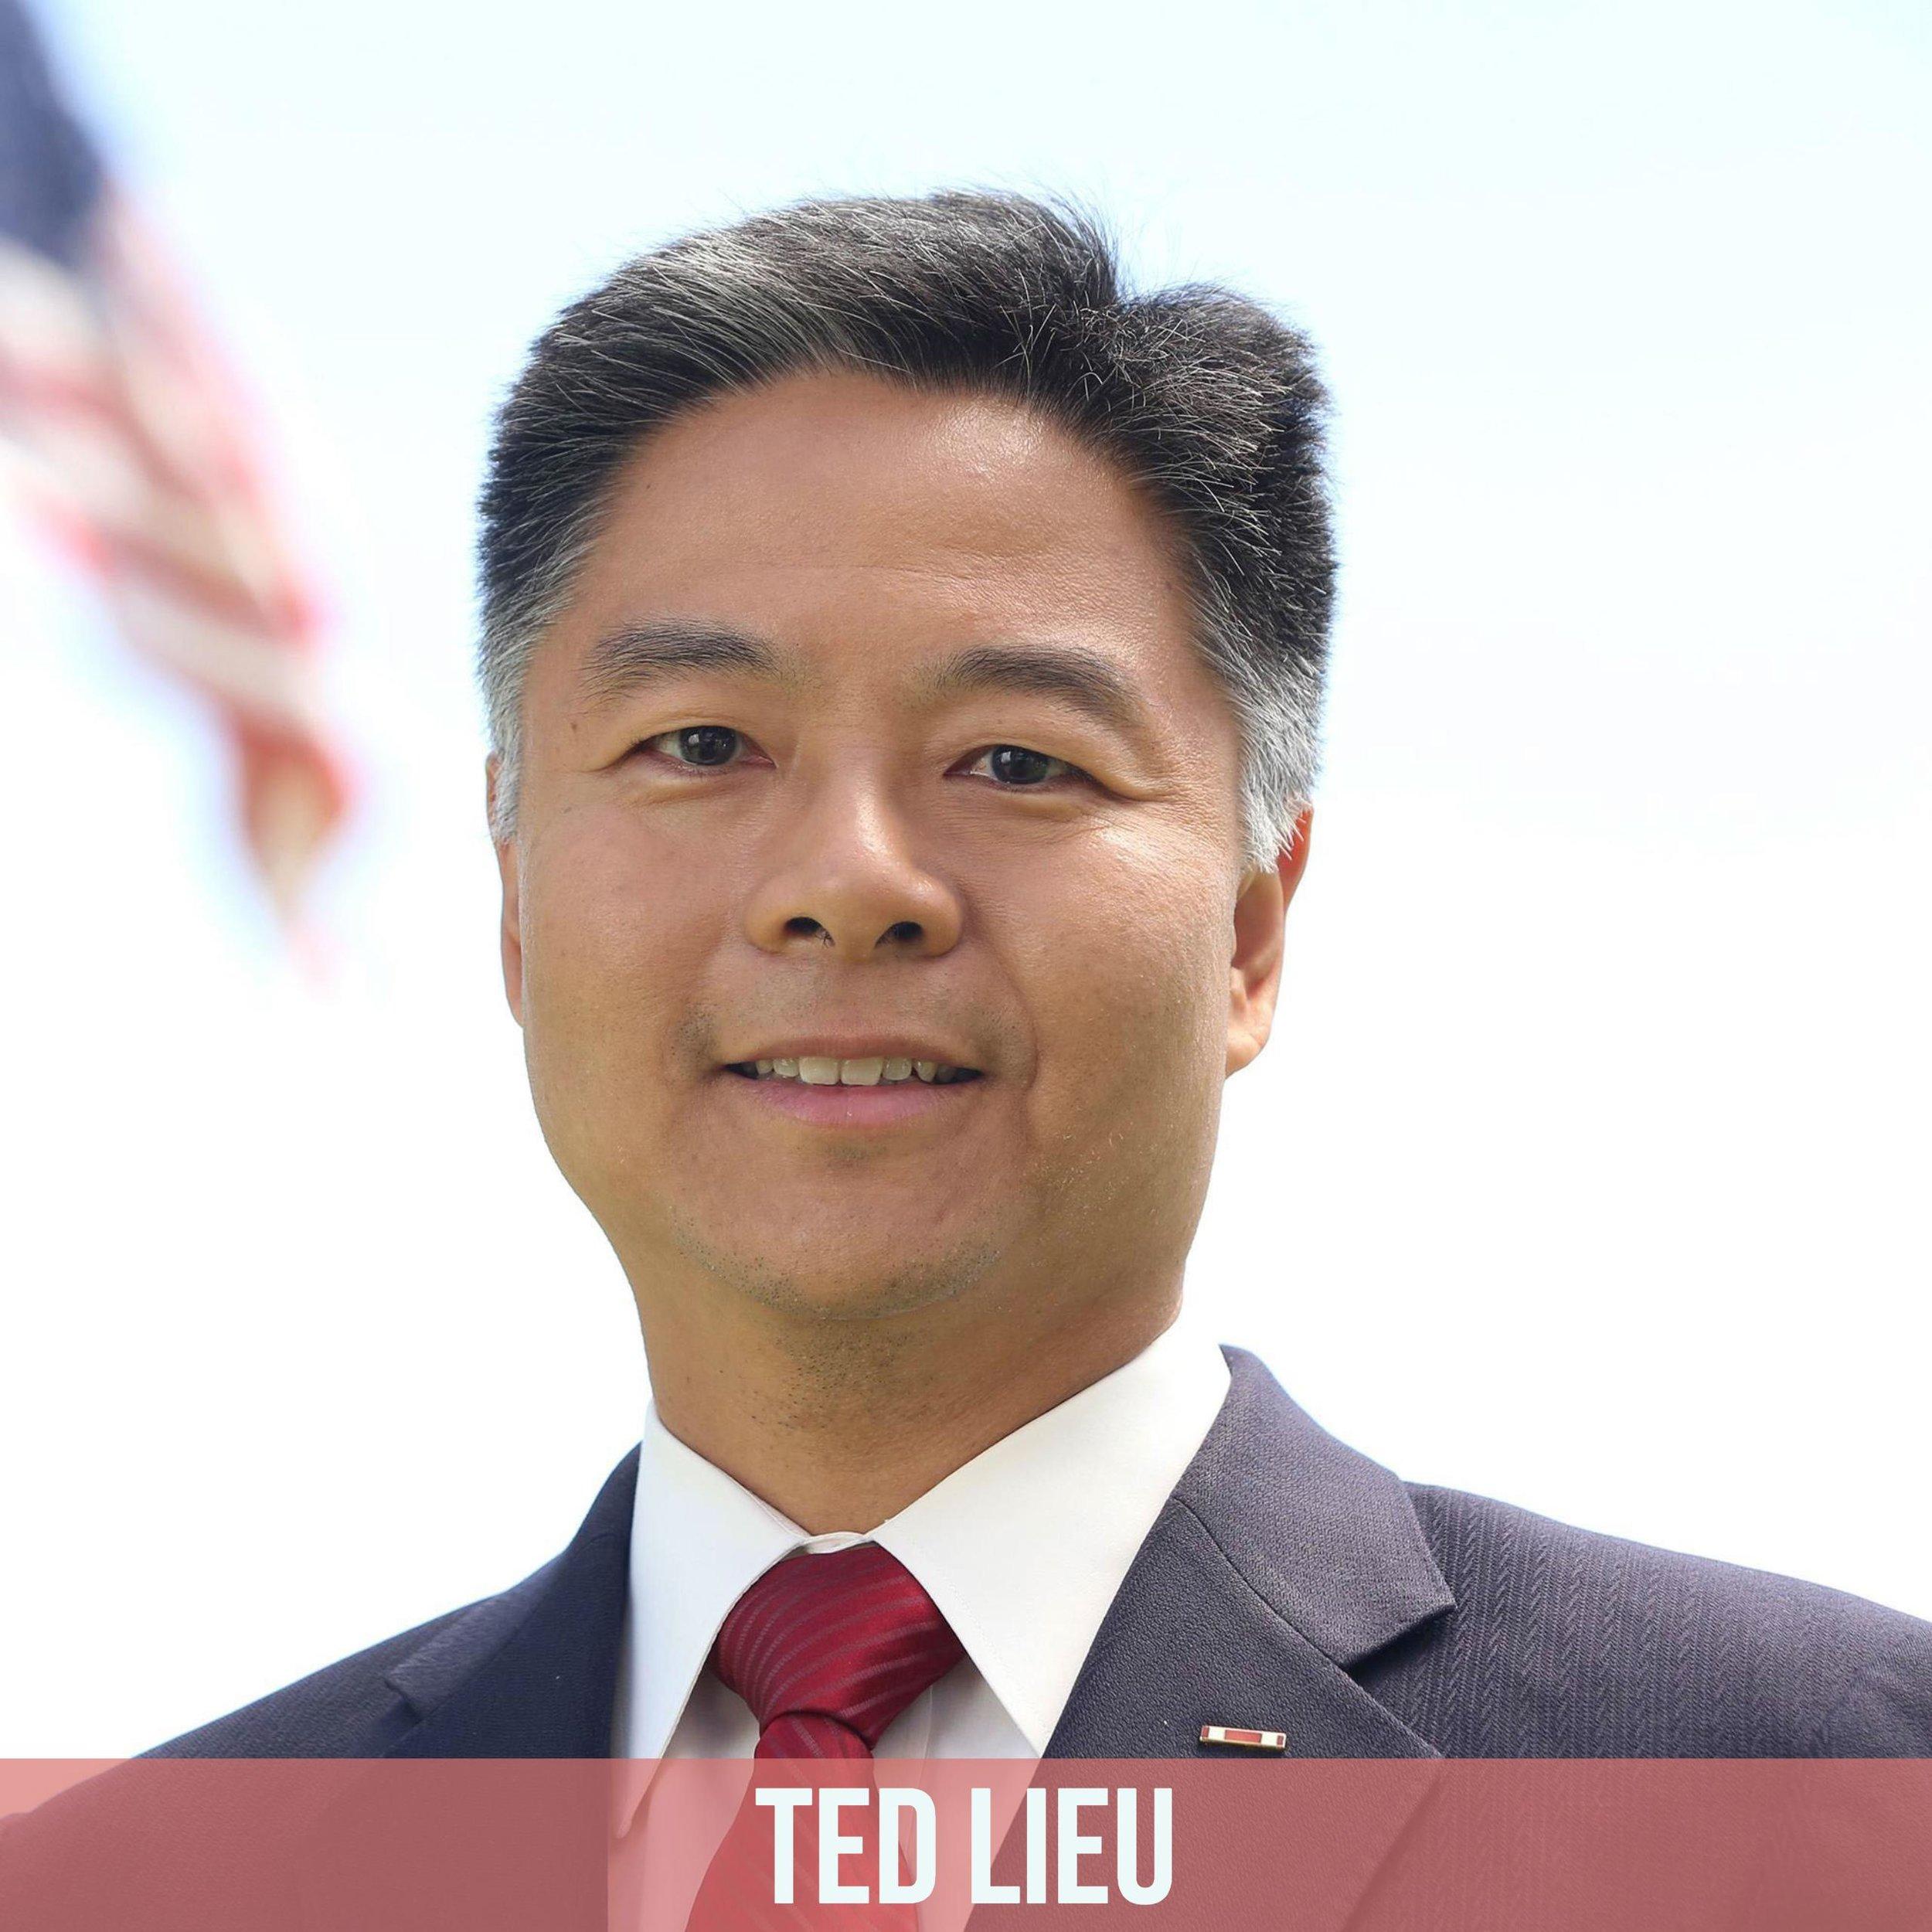 U.S. Representative, California 33rd District